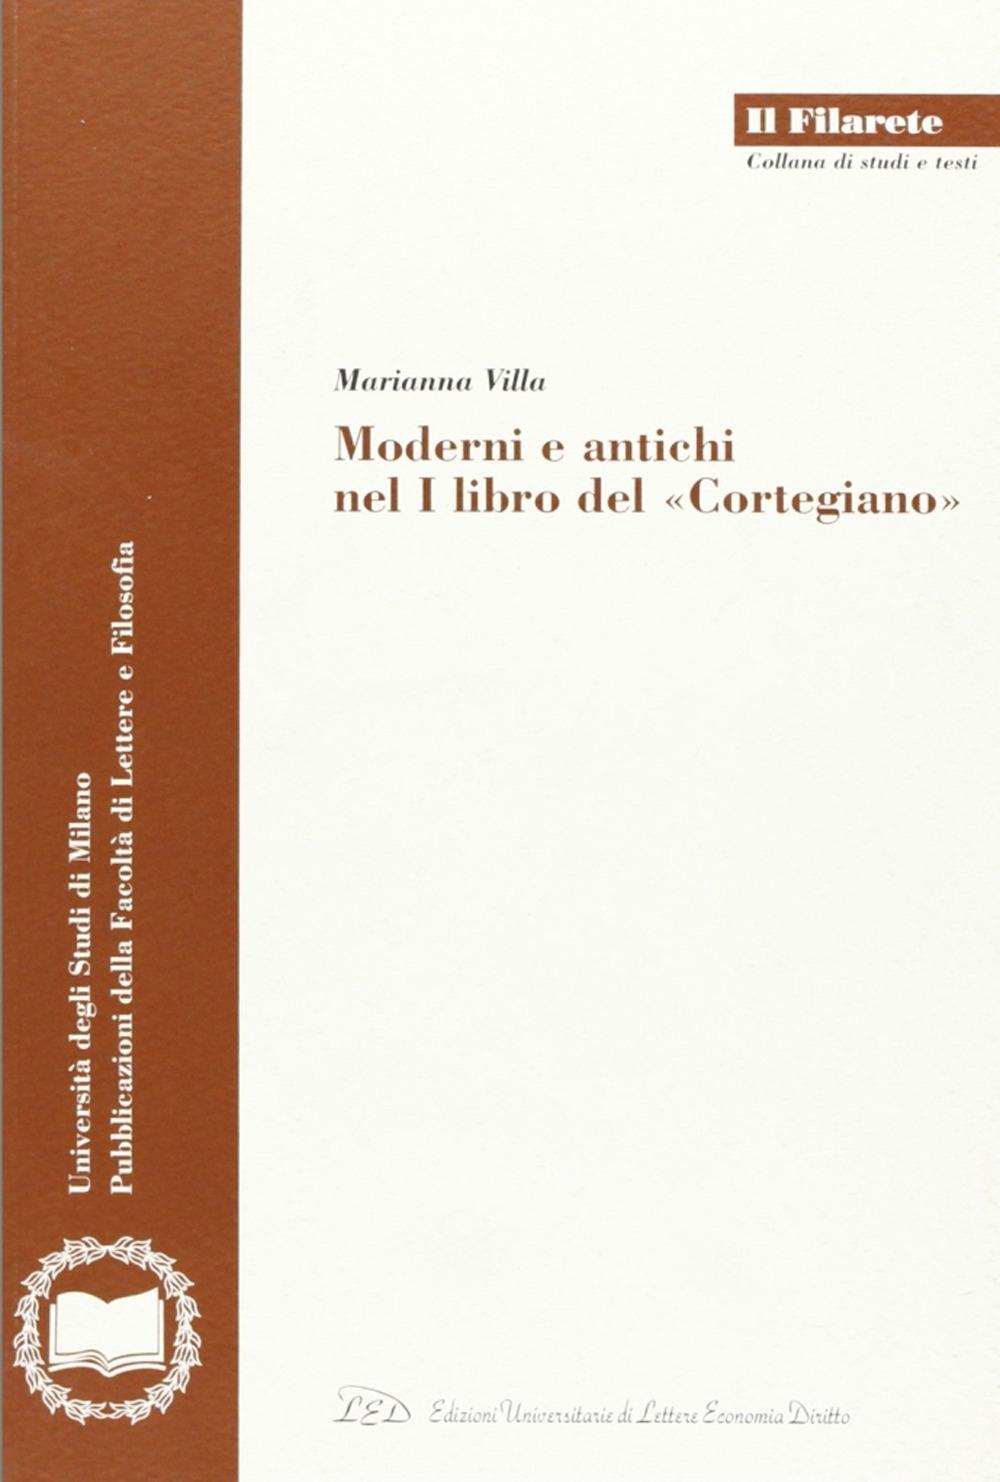 Moderni e antichi nel I libro del